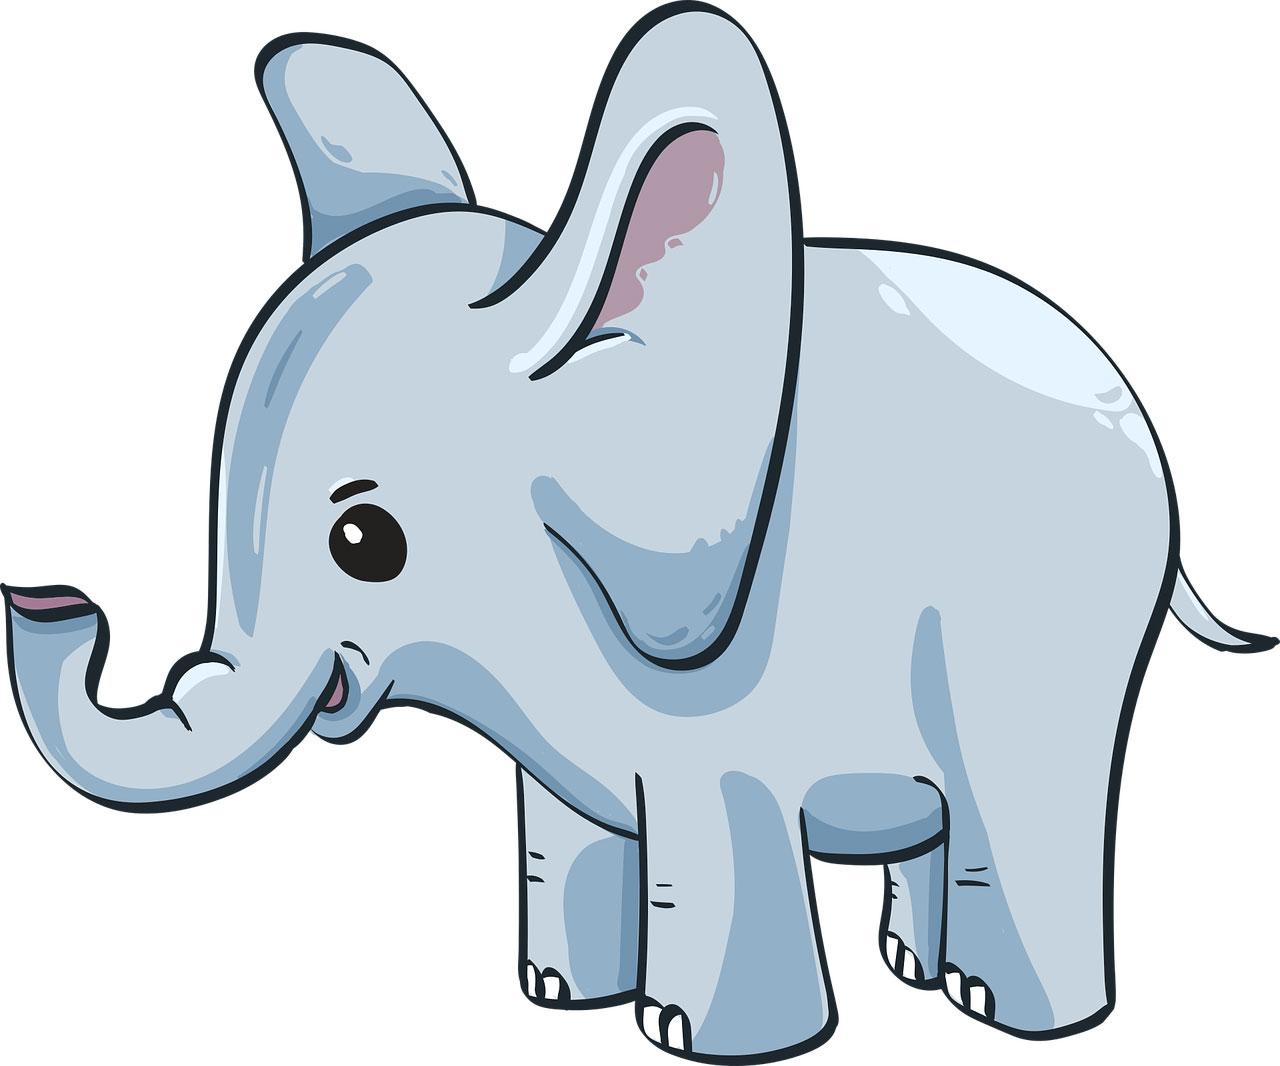 První slovo, které jsem přečetl, byl Slon